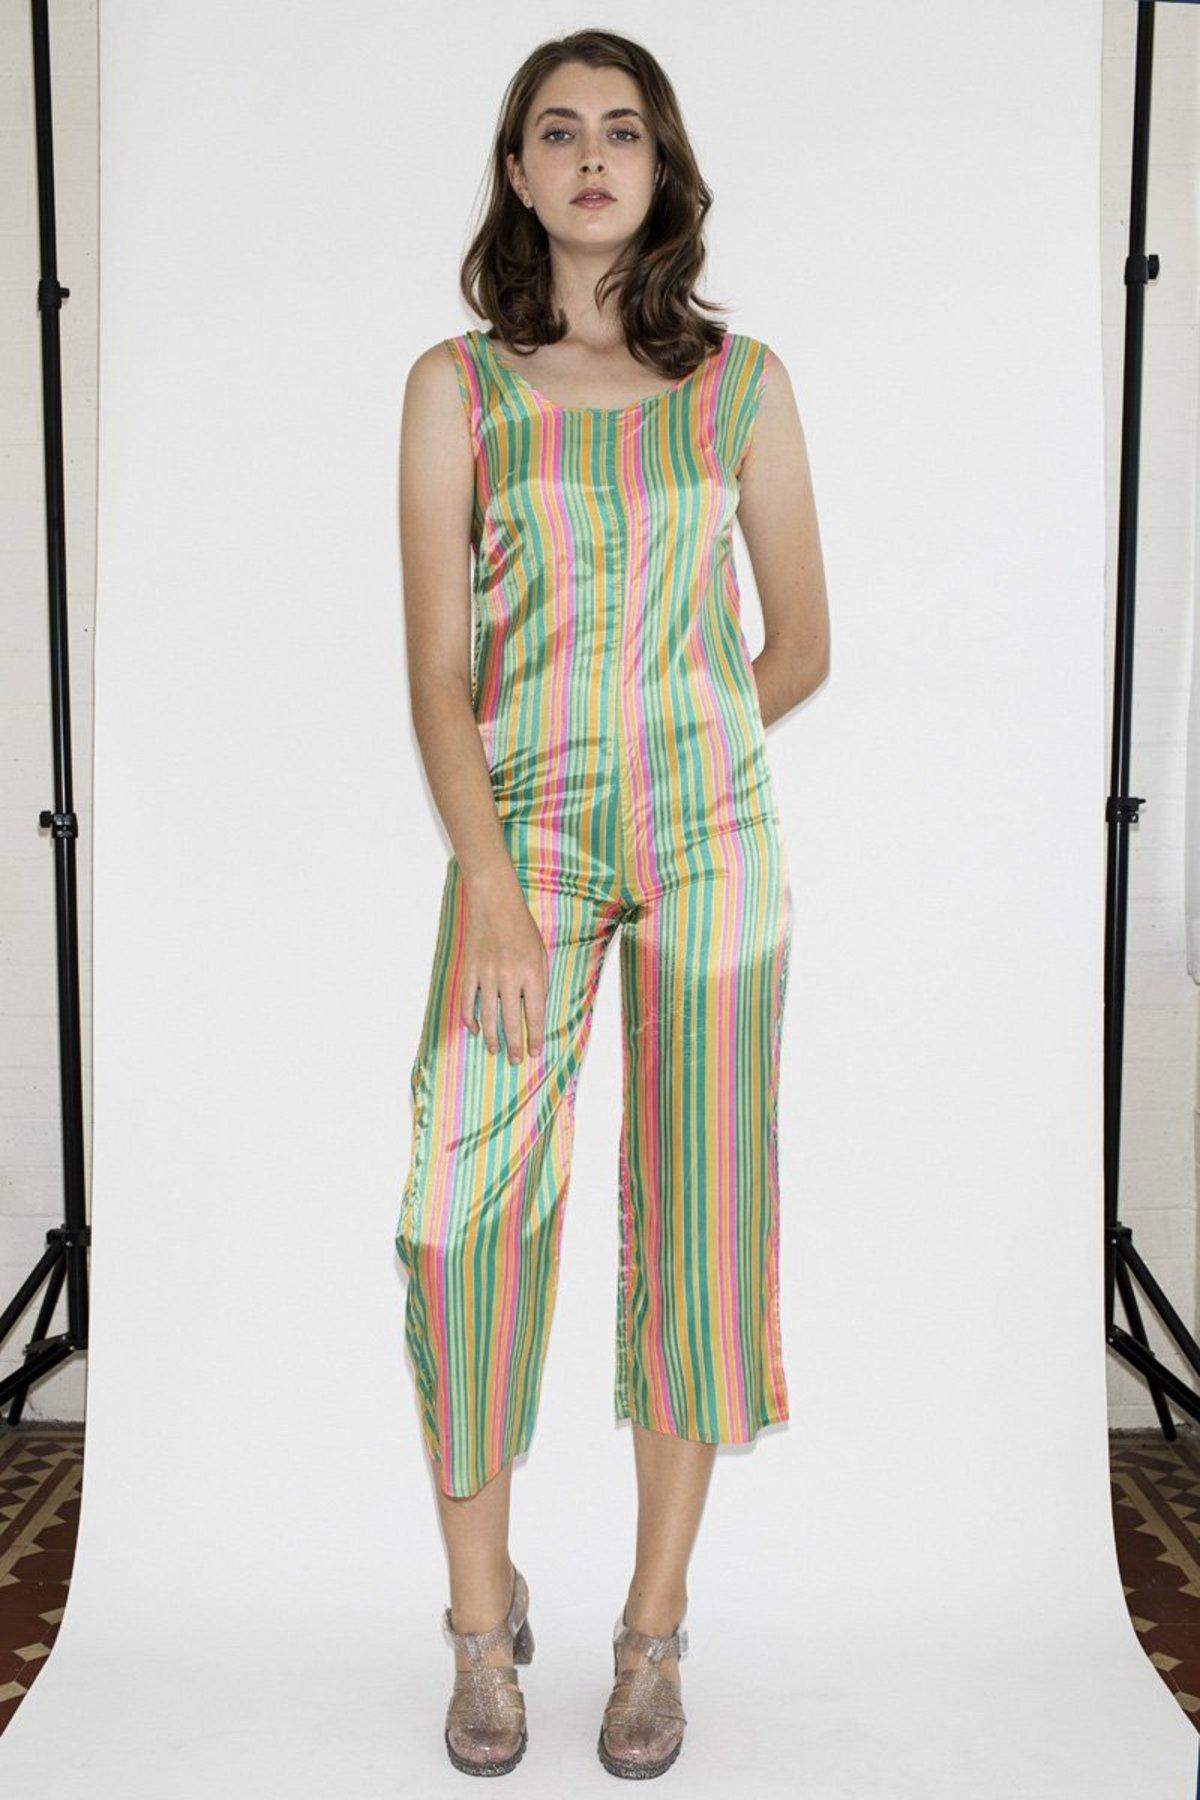 b6571653485 Vintage Happy Jumpsuit - Rainbow